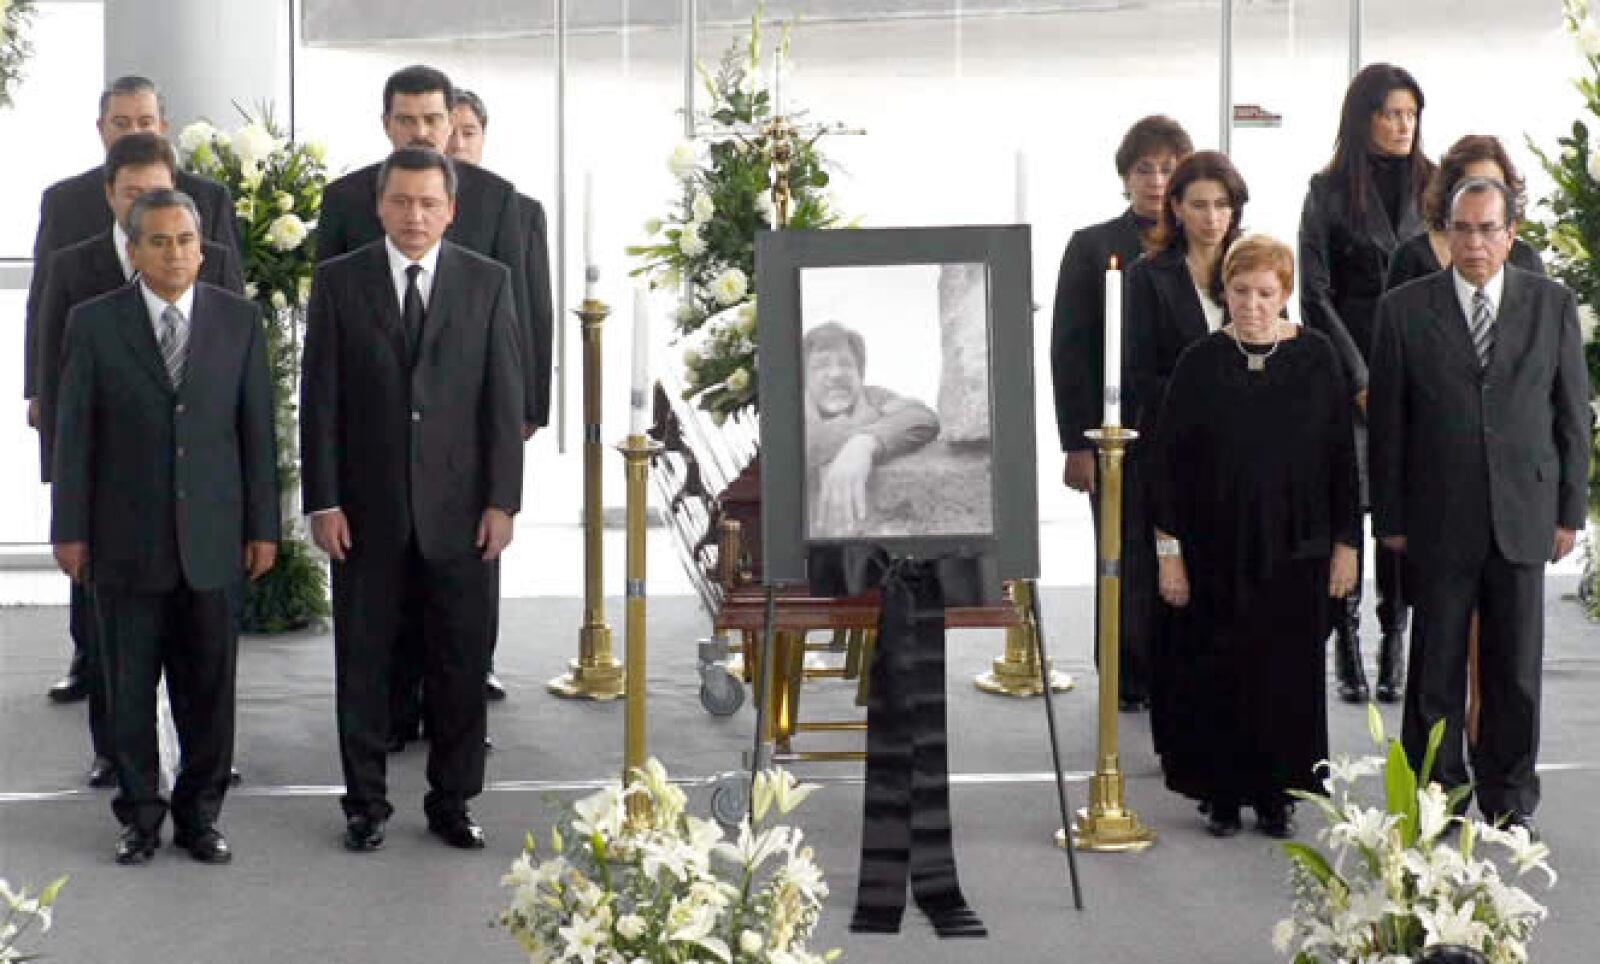 El artista plástico Bayron Gálvez, nacido en Mixquiahuala, Hidalgo, falleció el miércoles a causa de cáncer. Se le rindió un homenaje en el vestíbulo del teatro Gota de Plata al que asistió el gobernador Miguel Osorio Chong.